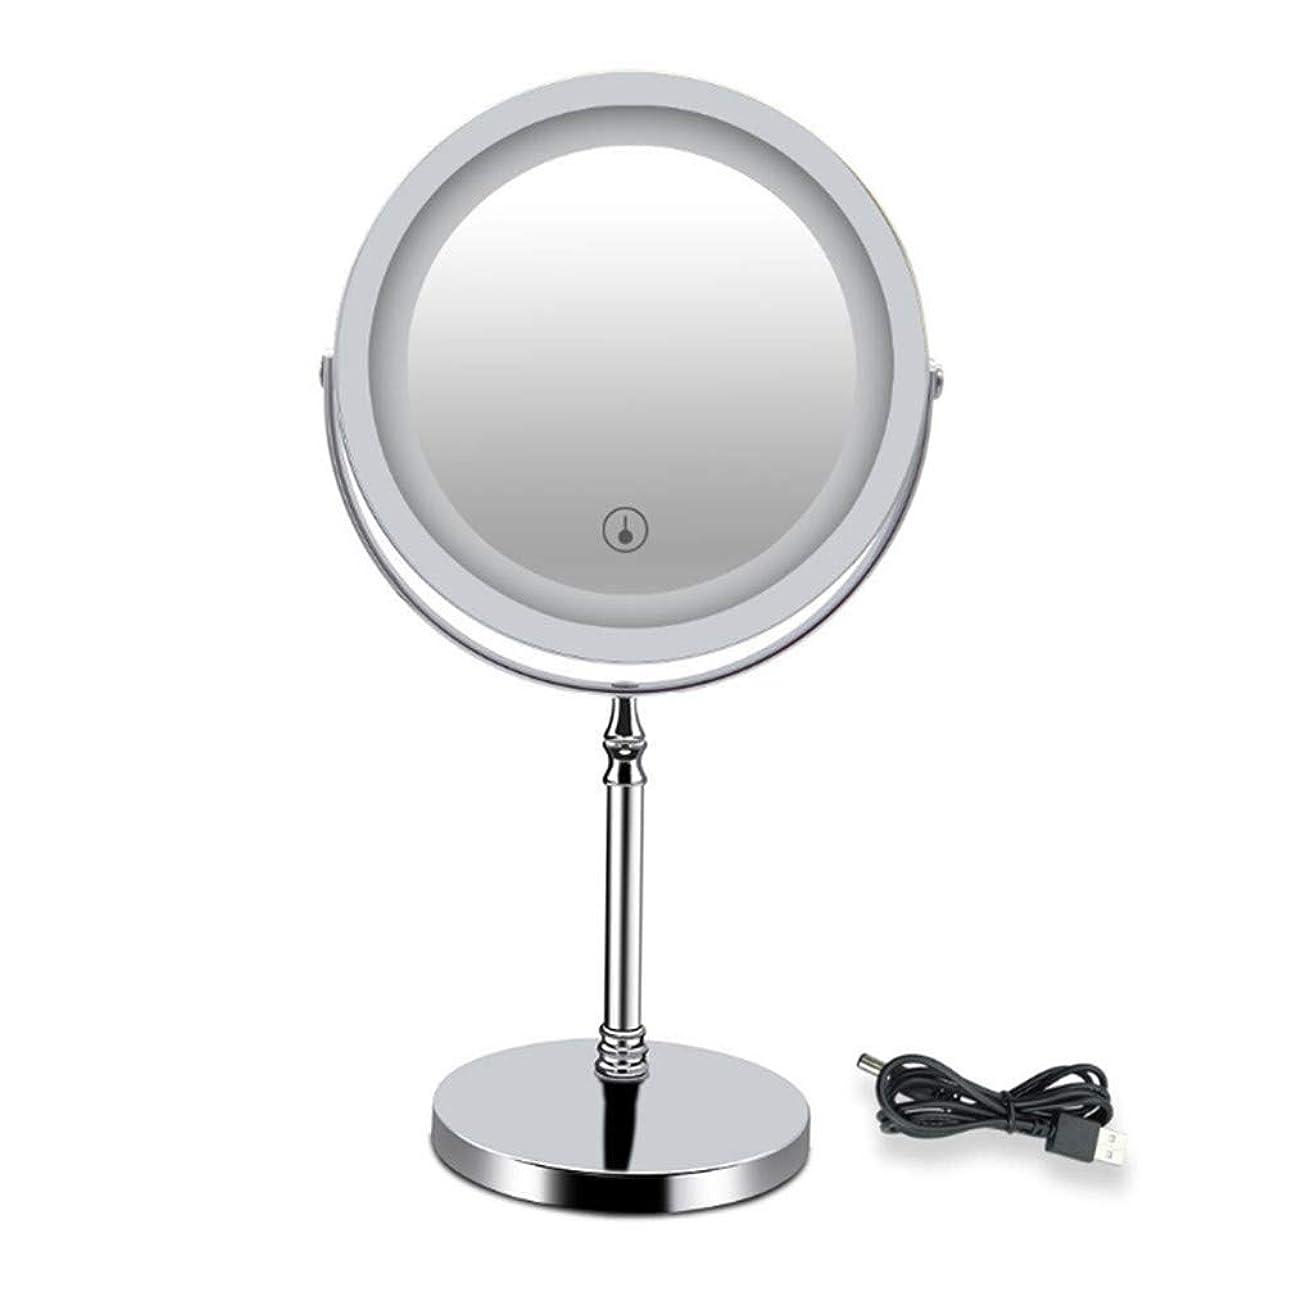 別れるコントロールスペシャリスト卓上鏡 化粧鏡 スタンドミラー メイク 10倍拡大鏡 LEDライト付き 北欧風 真実の両面鏡 360度回転 化粧道具 化粧ミラー 電池&USB 3 WAY給電